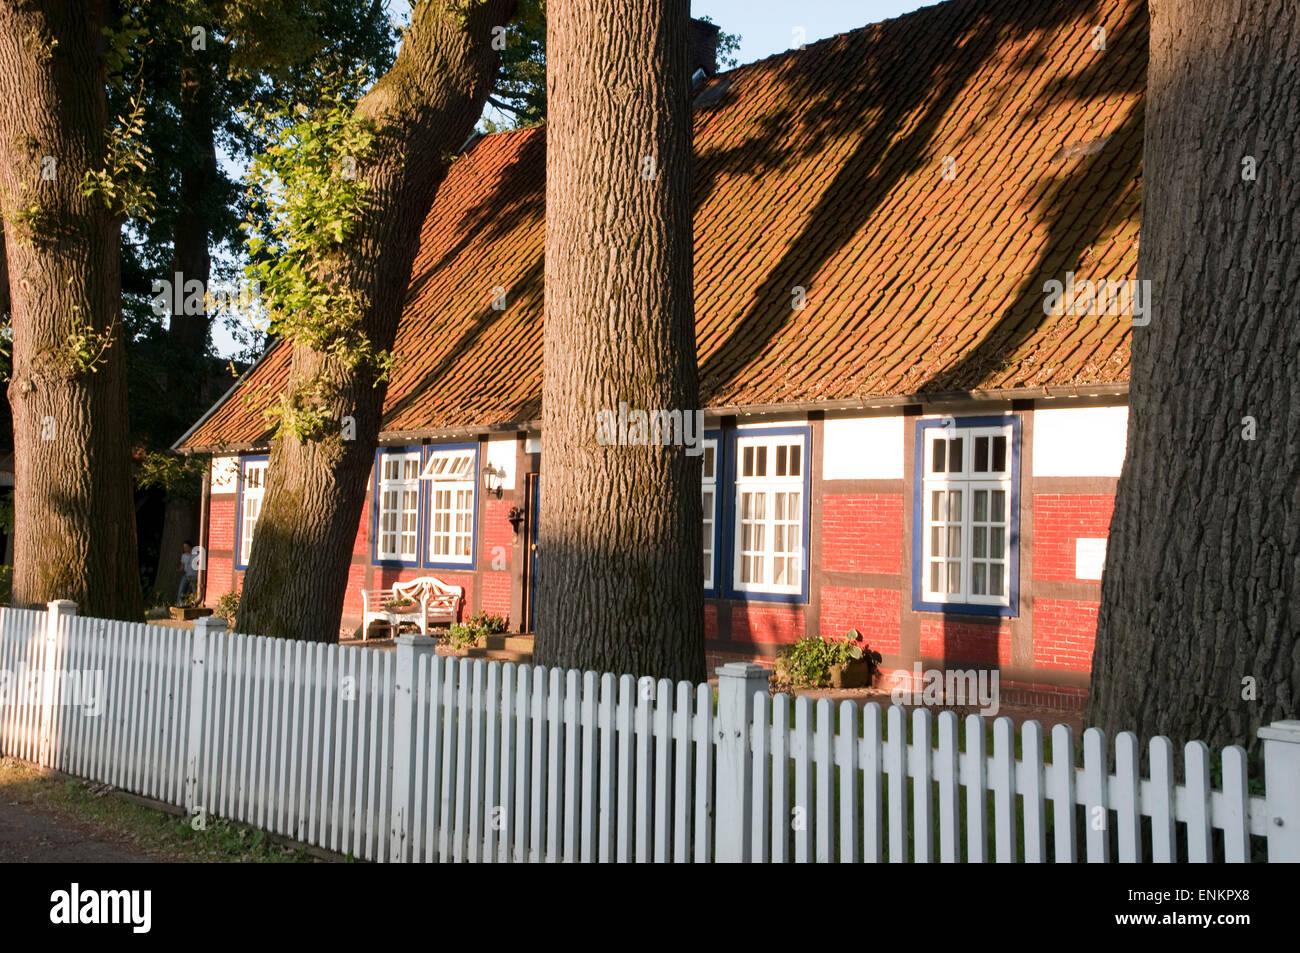 Bauernhaus mit altem Baumbestand, Berge, Artland ...